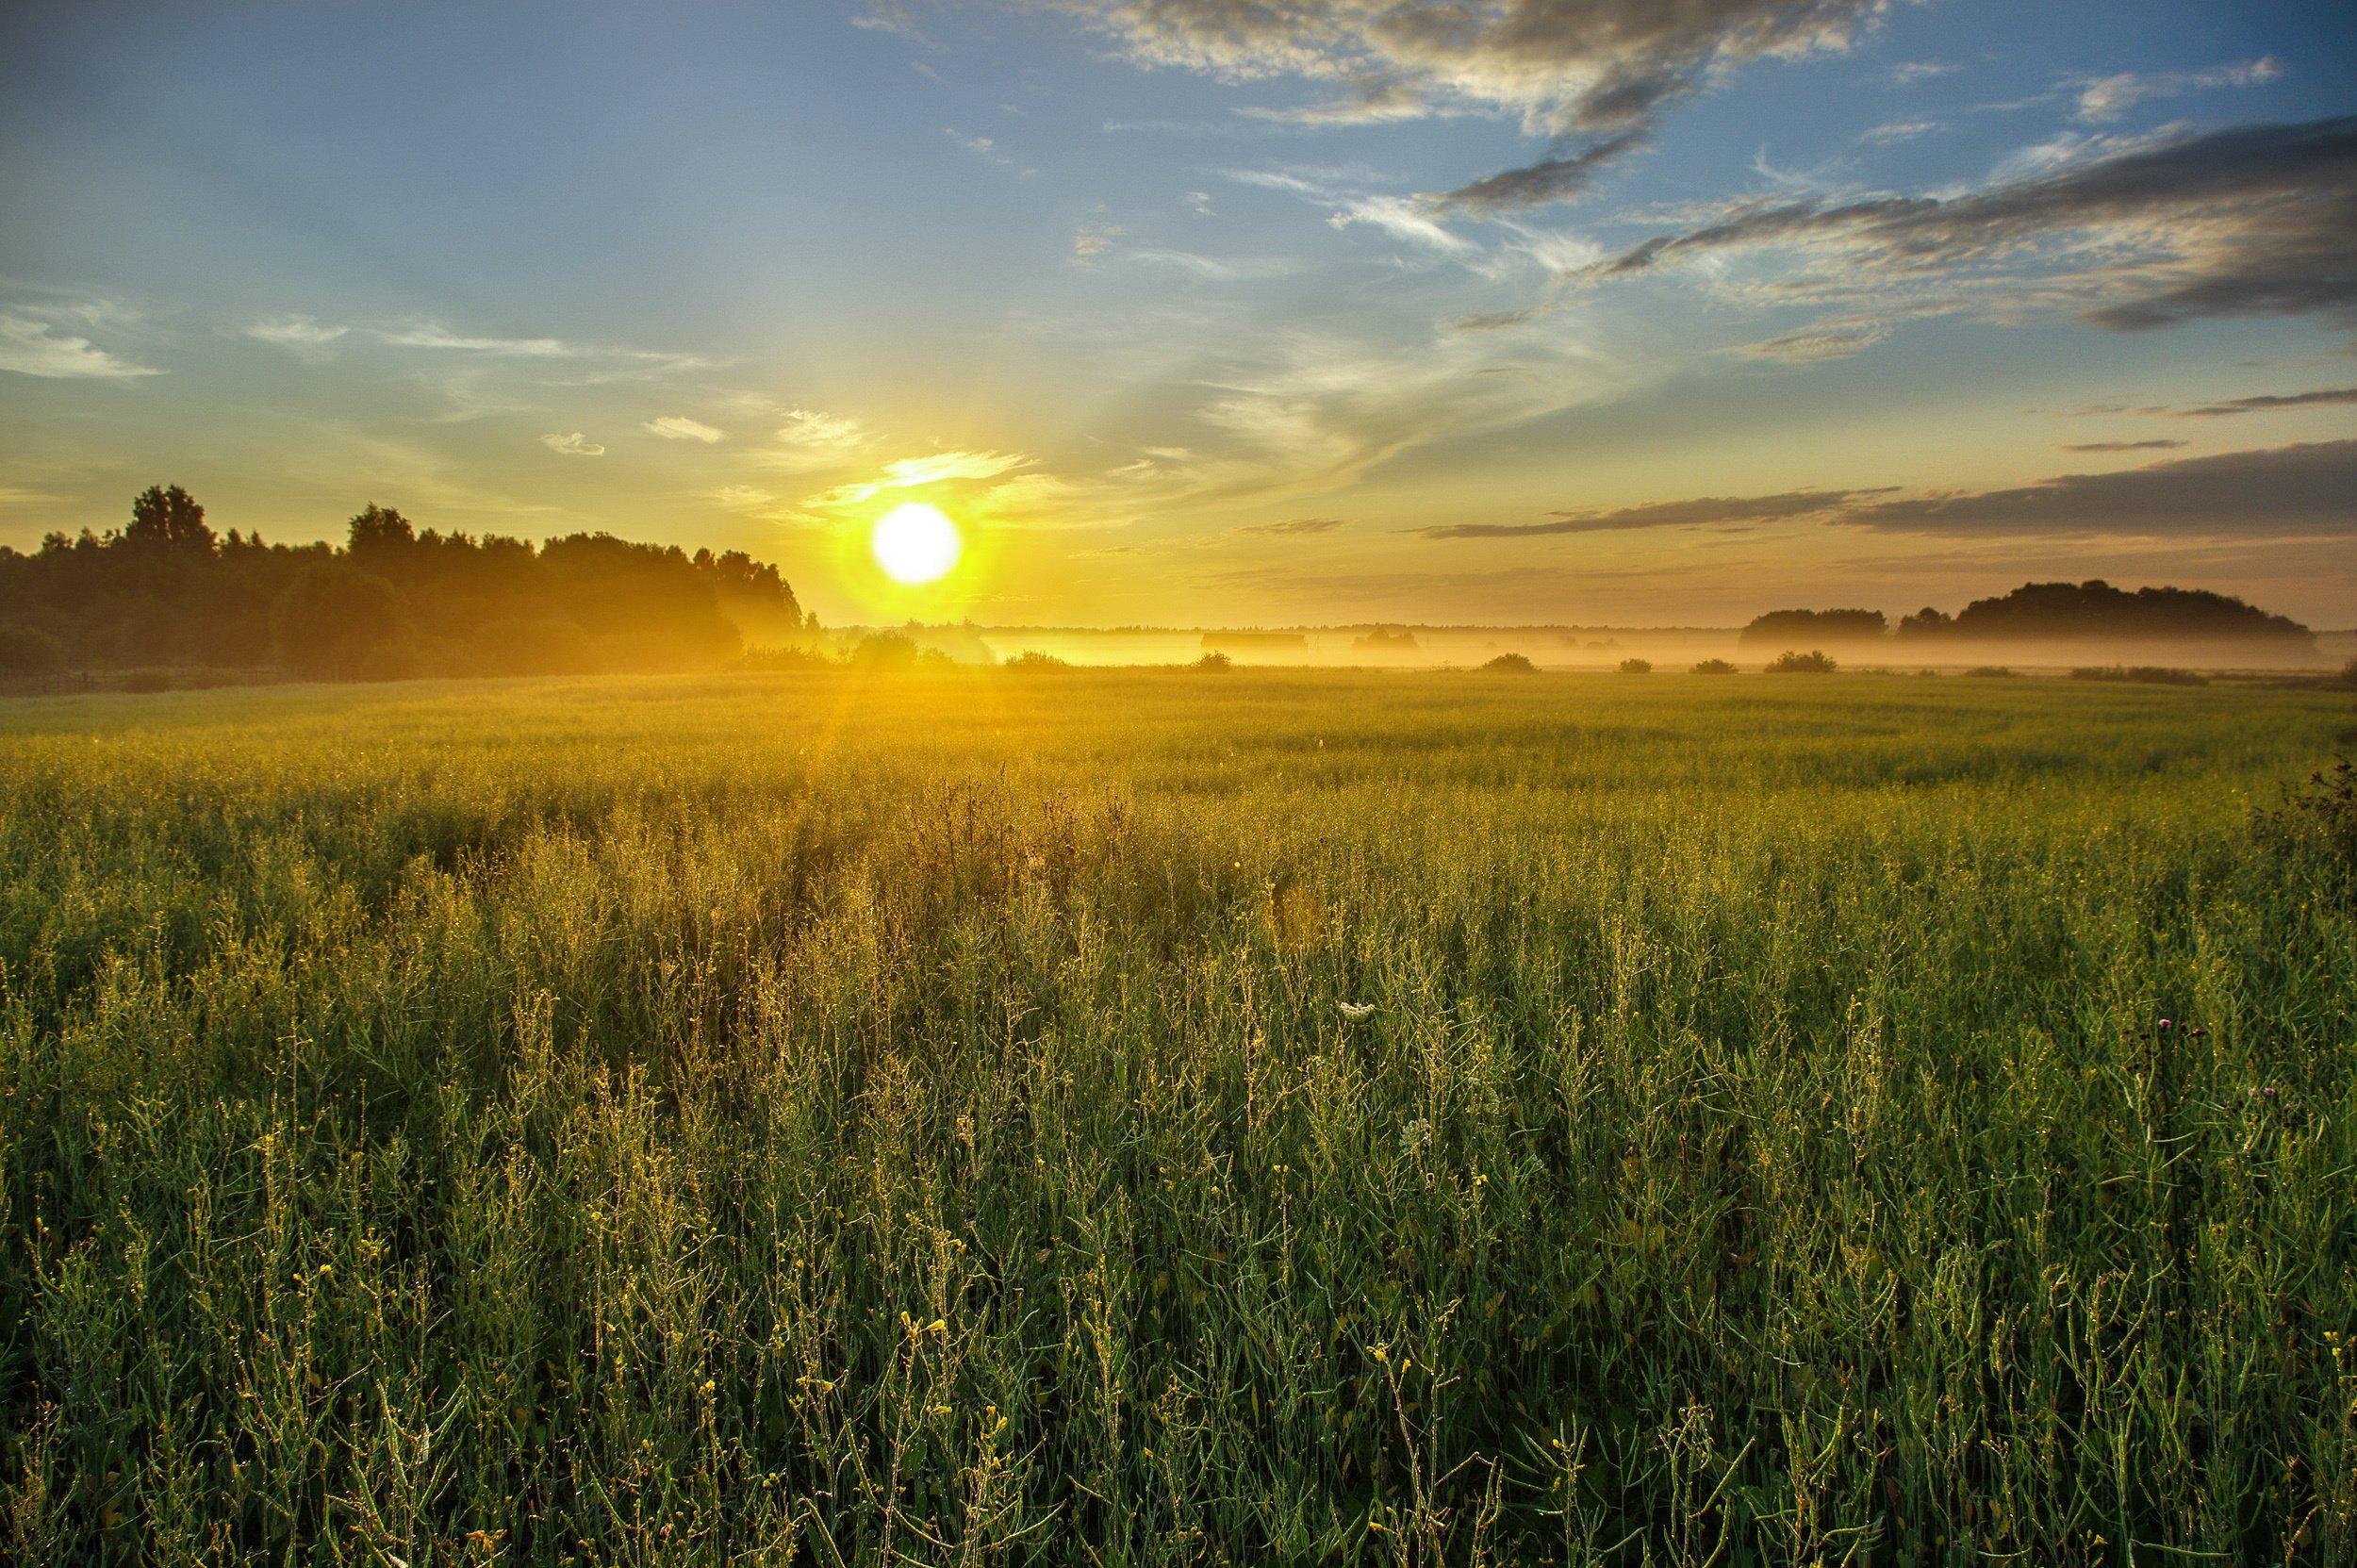 картинке восход солнца в поле фото хочу